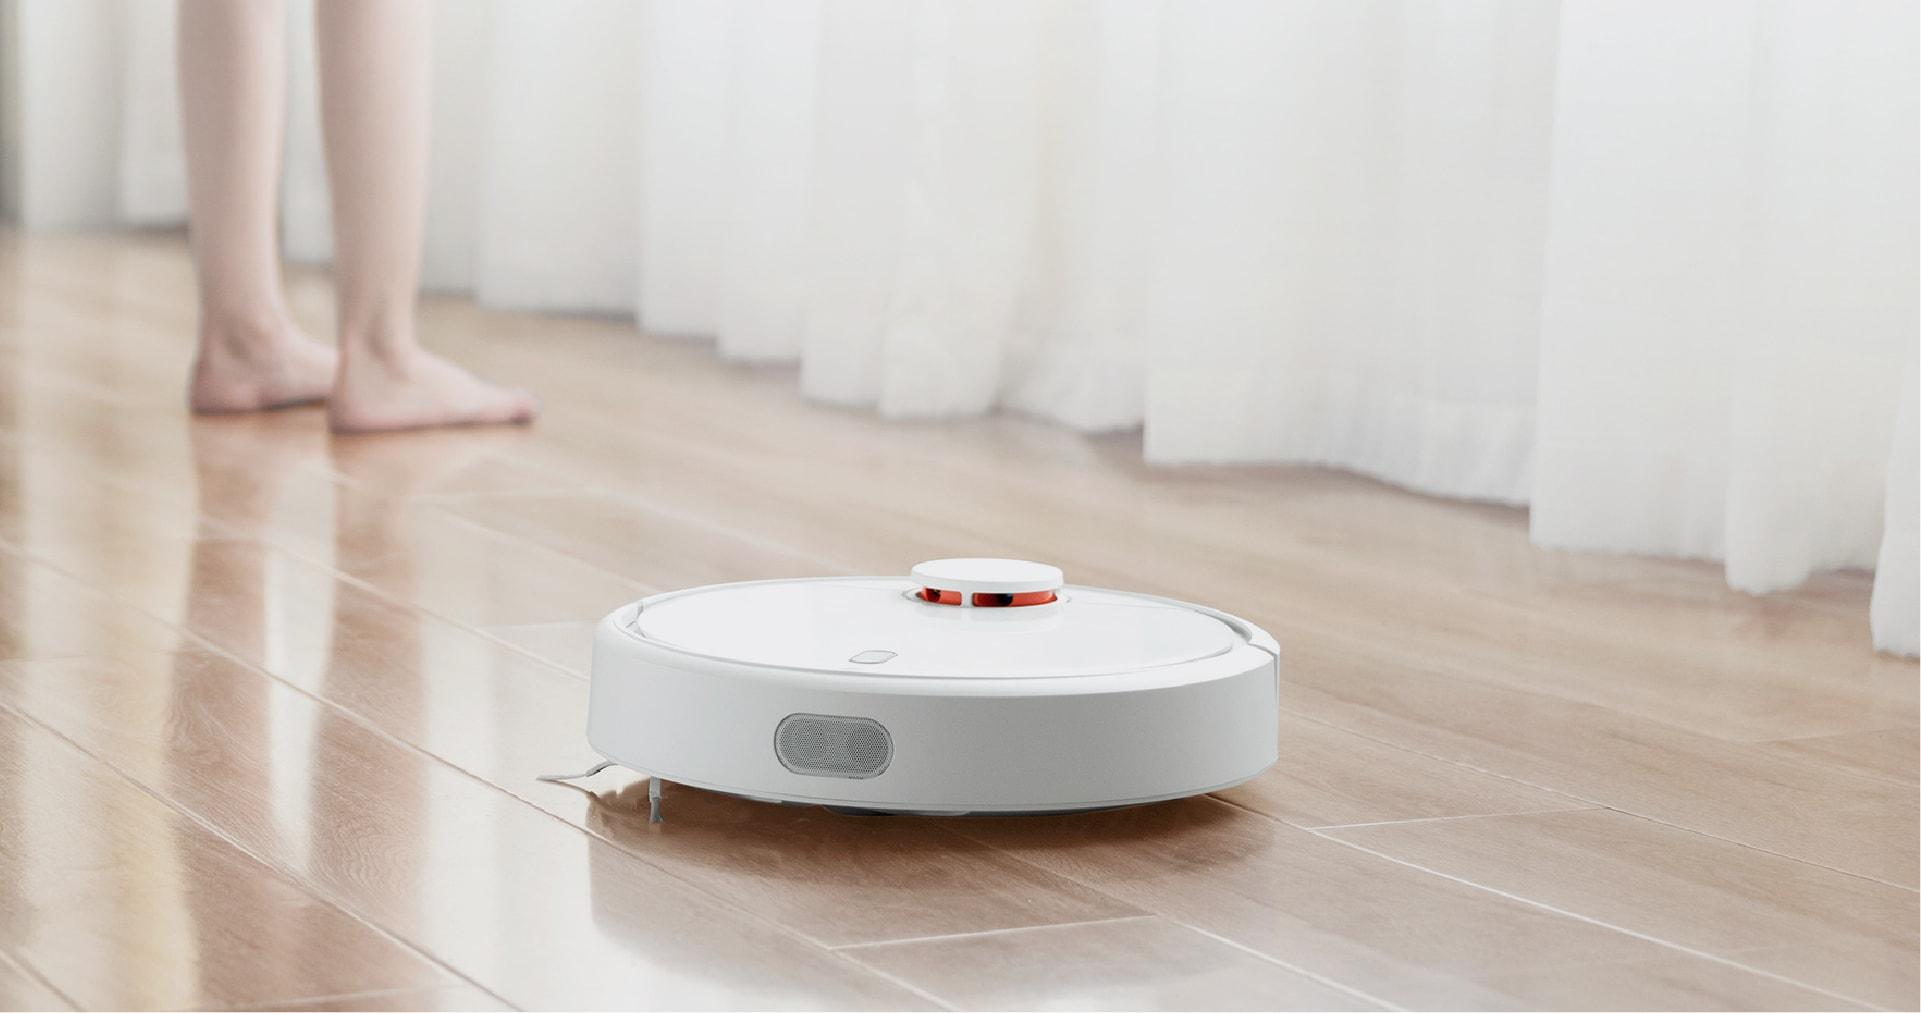 Οι robo-σκούπες καθαρίζουν μόνες τους το σπίτι εξοικονομώντας χρόνο και χρήμα